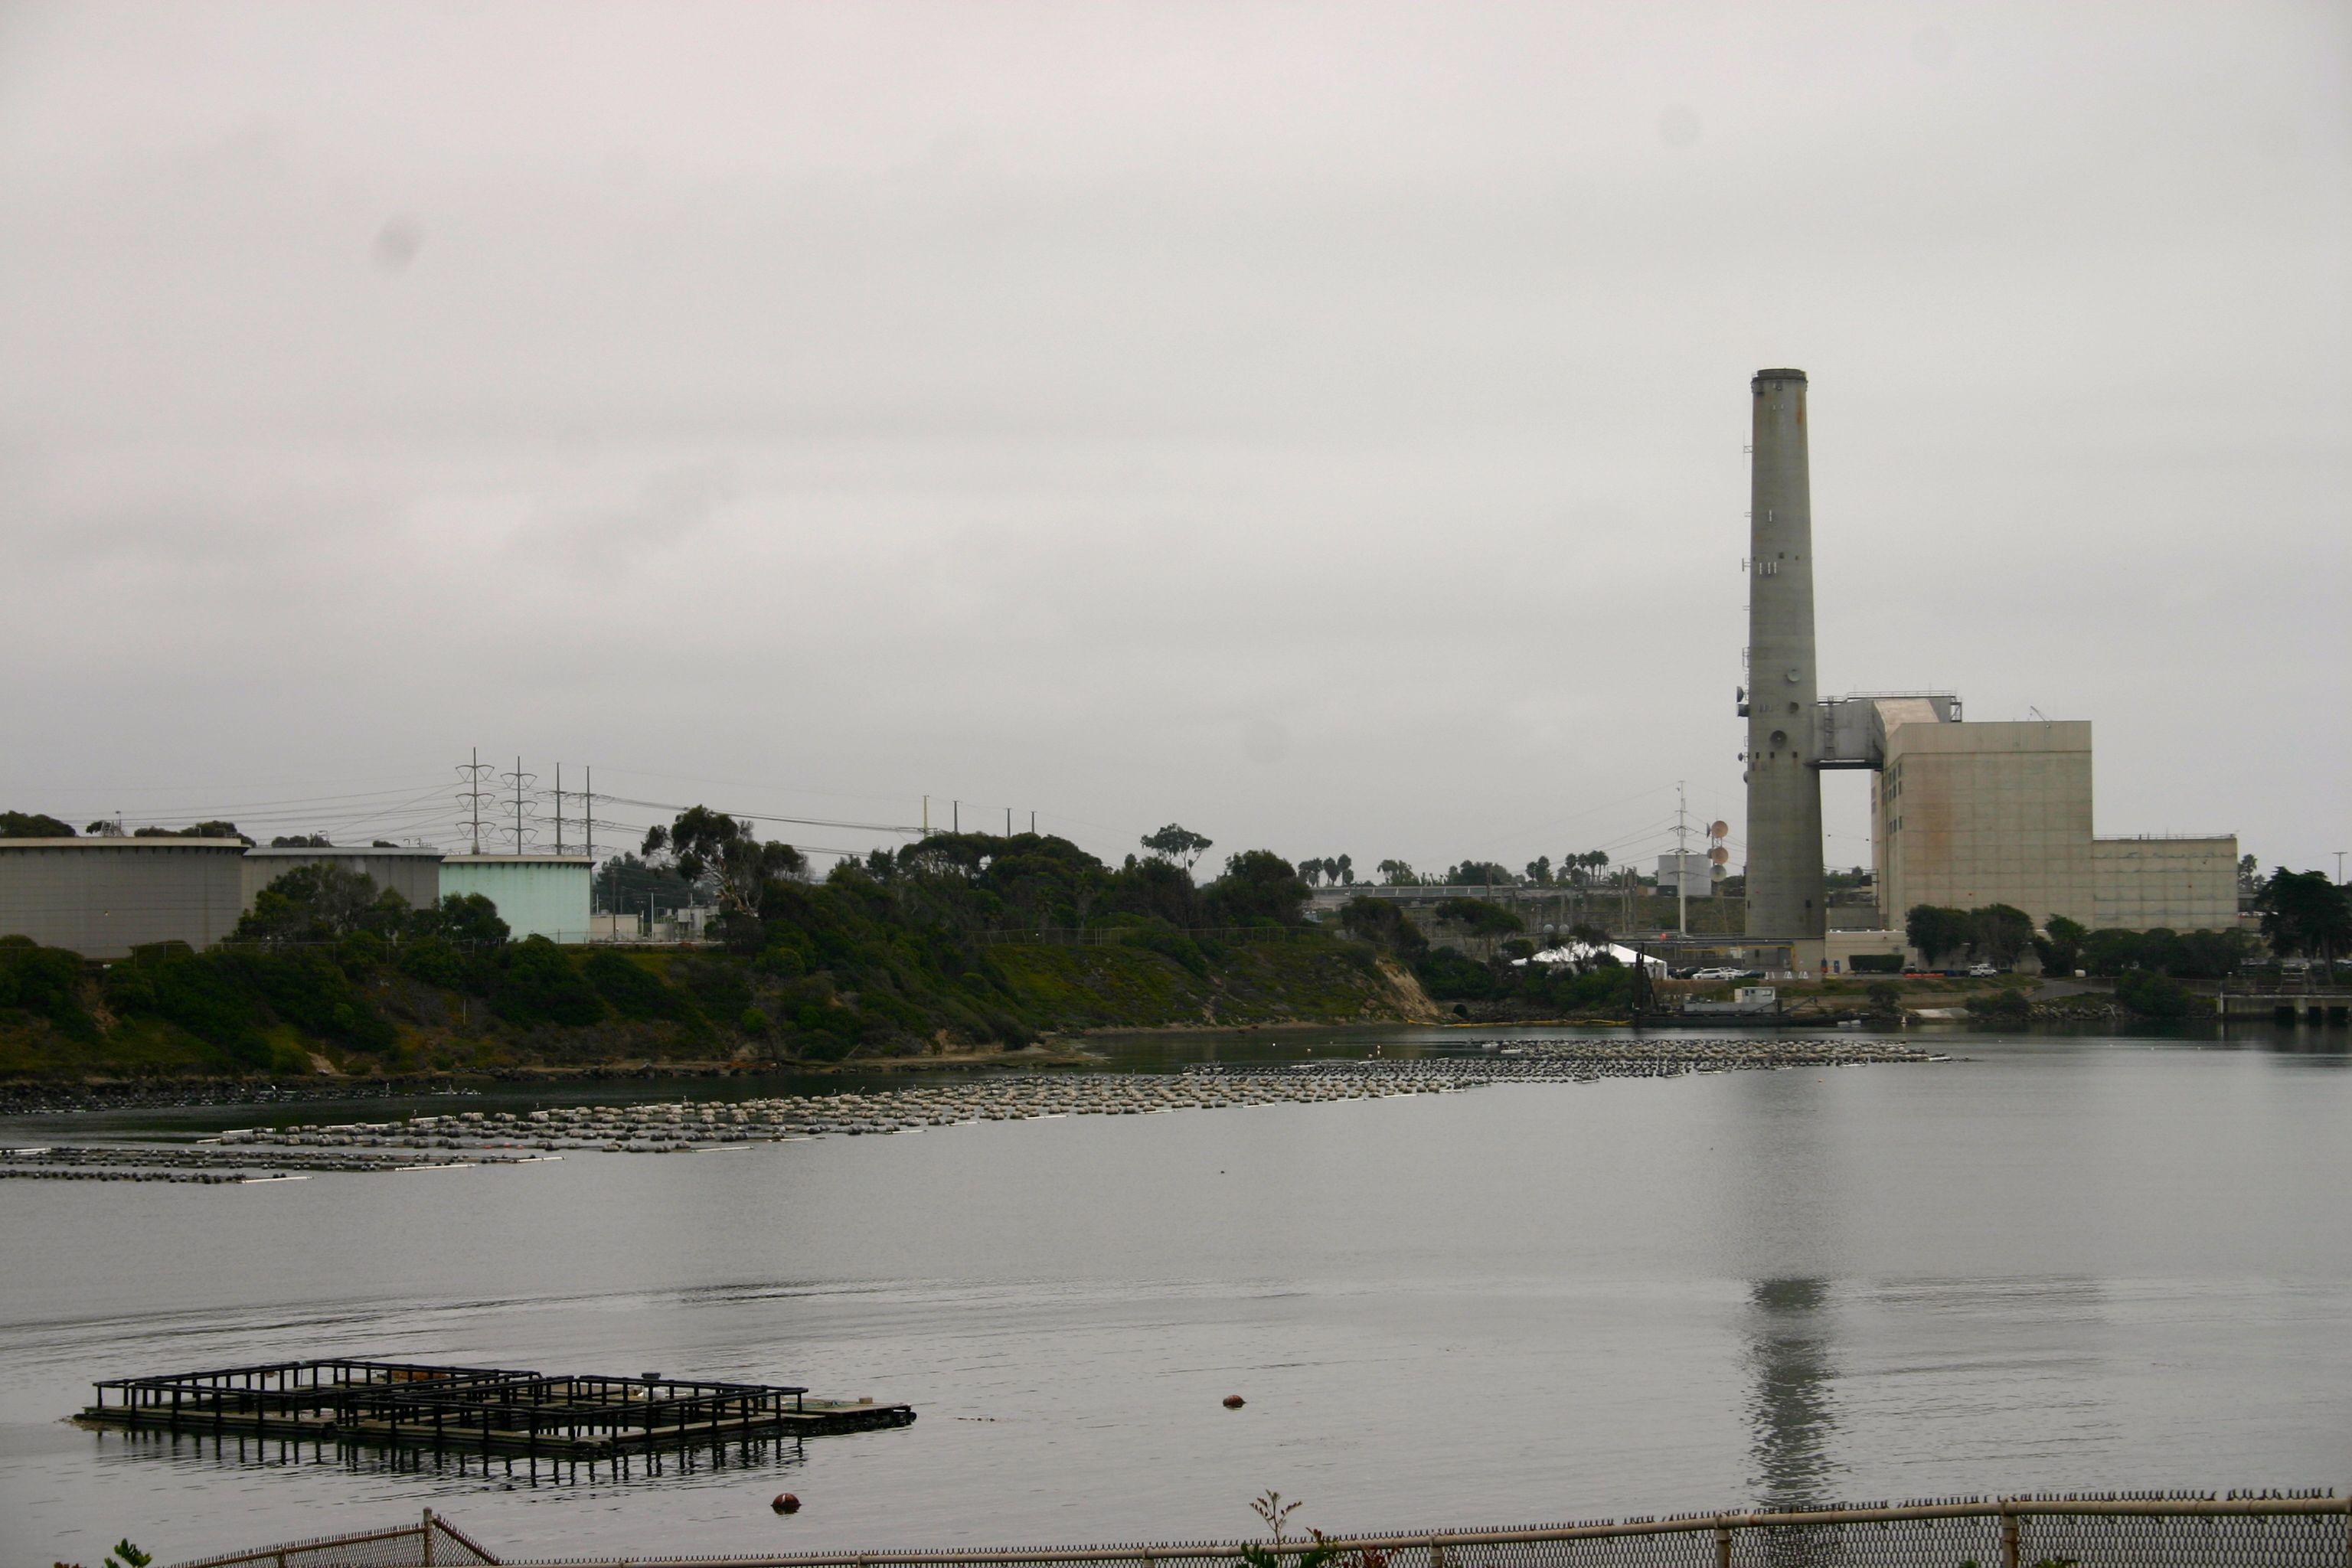 Carlsbad_desalination_plant3.jpg